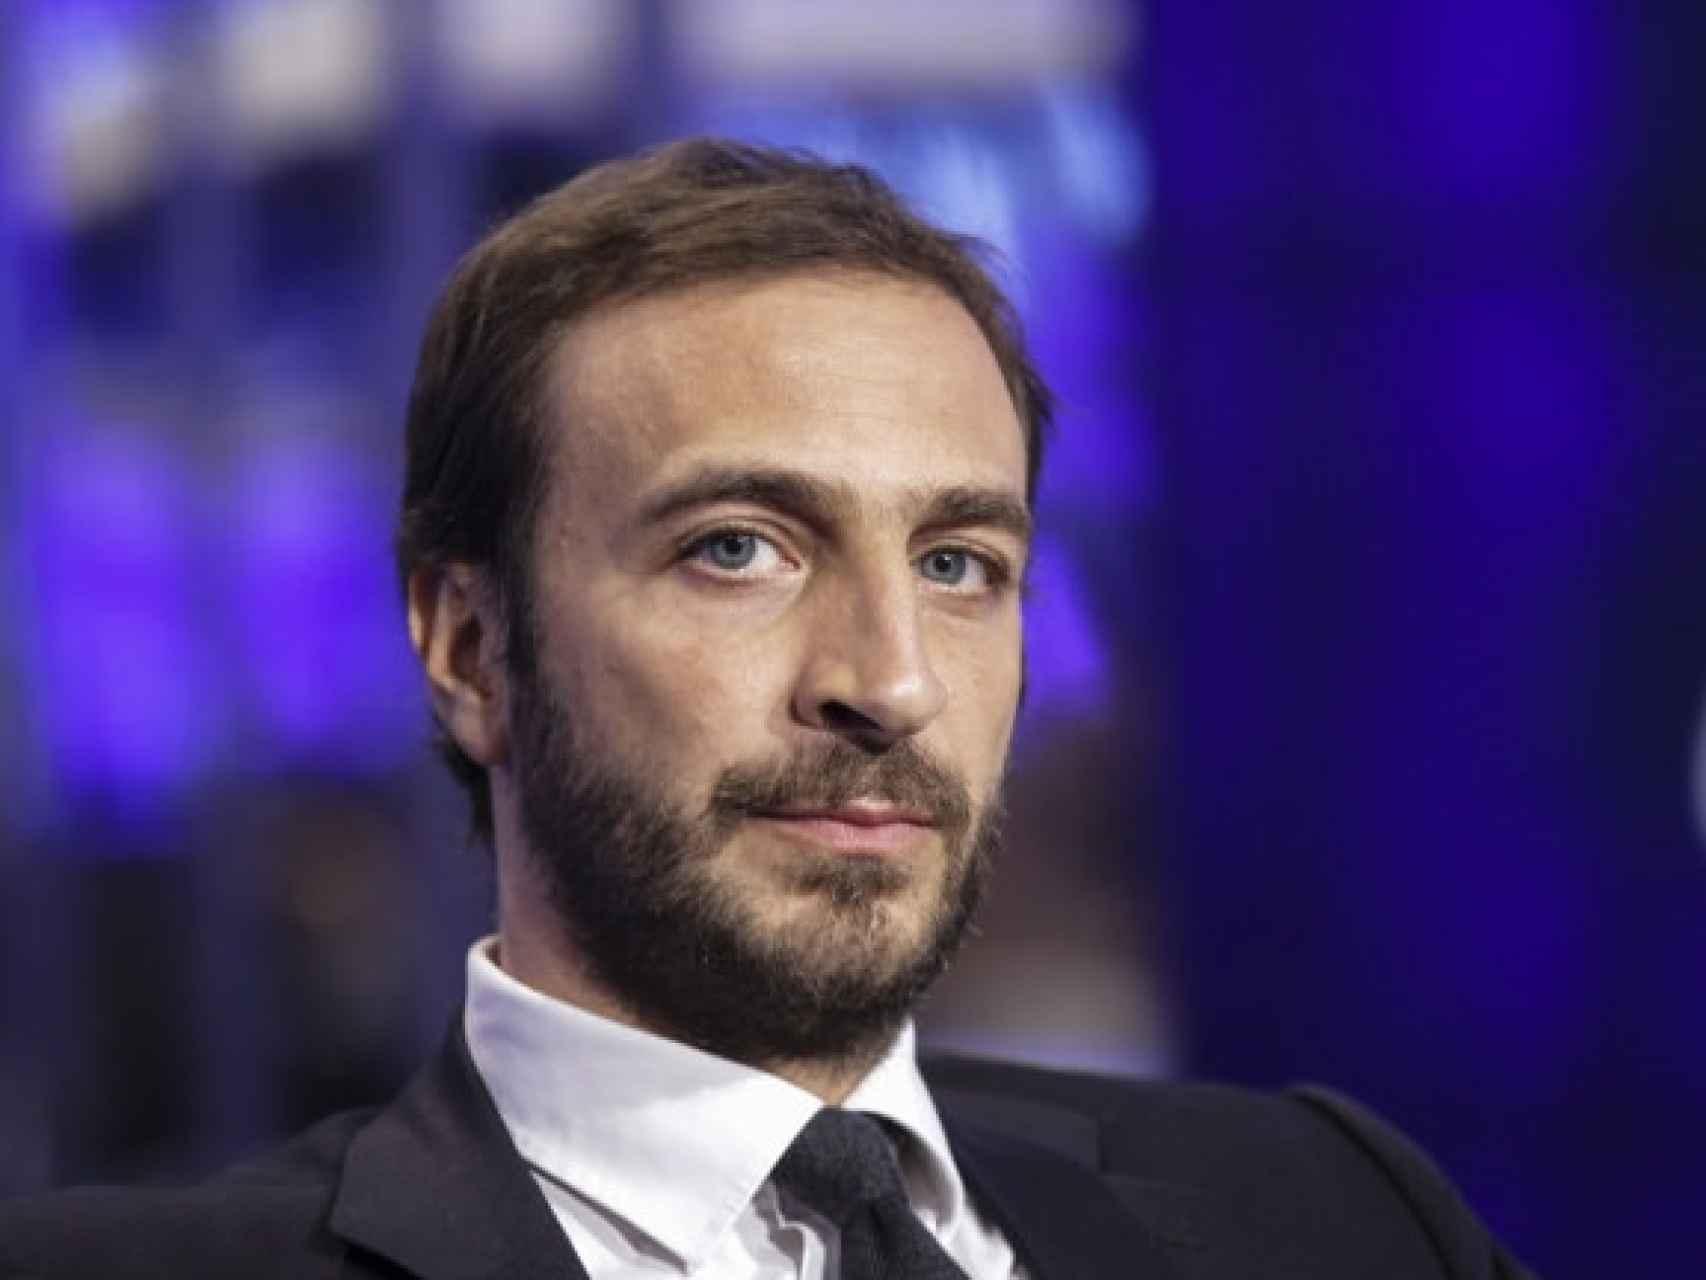 El periodista Emiliano Fittipaldi.